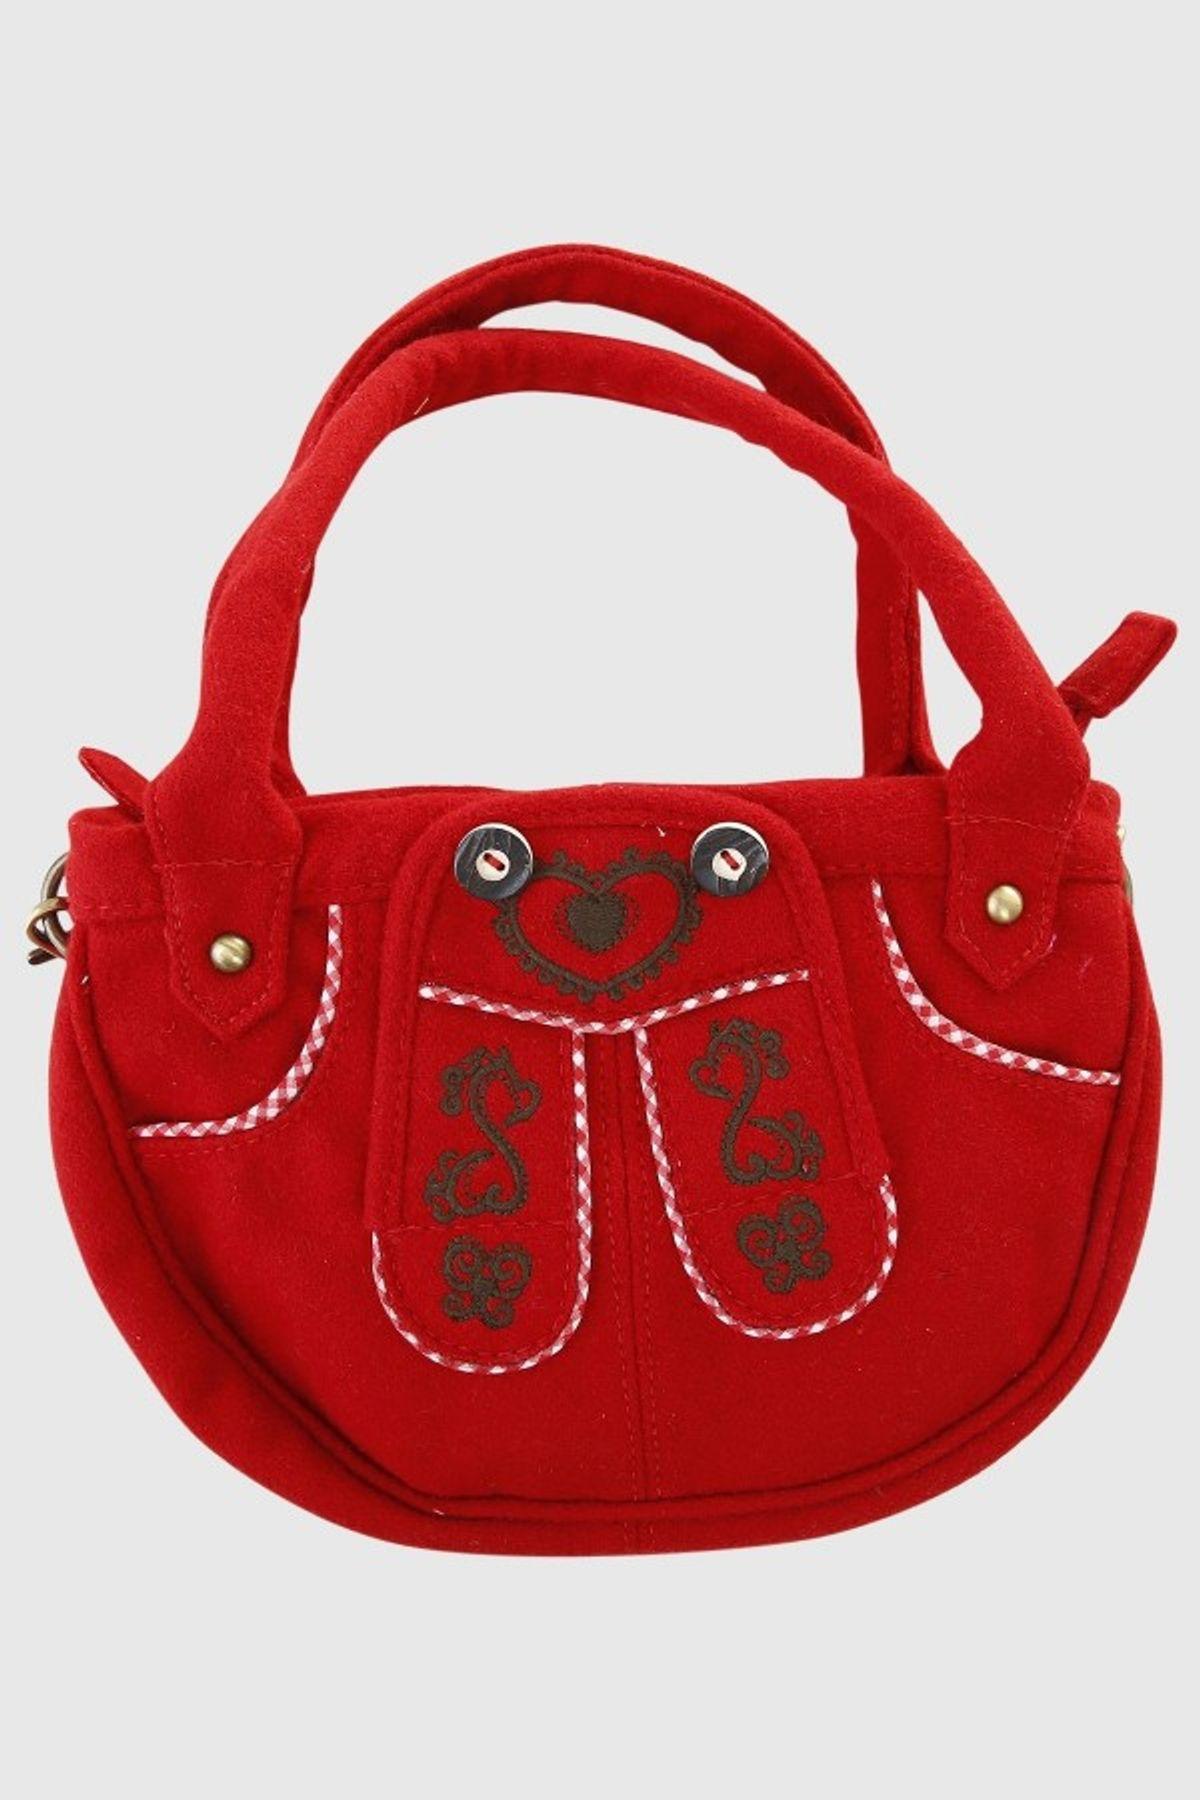 Krüger - Damen Trachtentasche in rot, Herzenssache (4722-9) – Bild 2